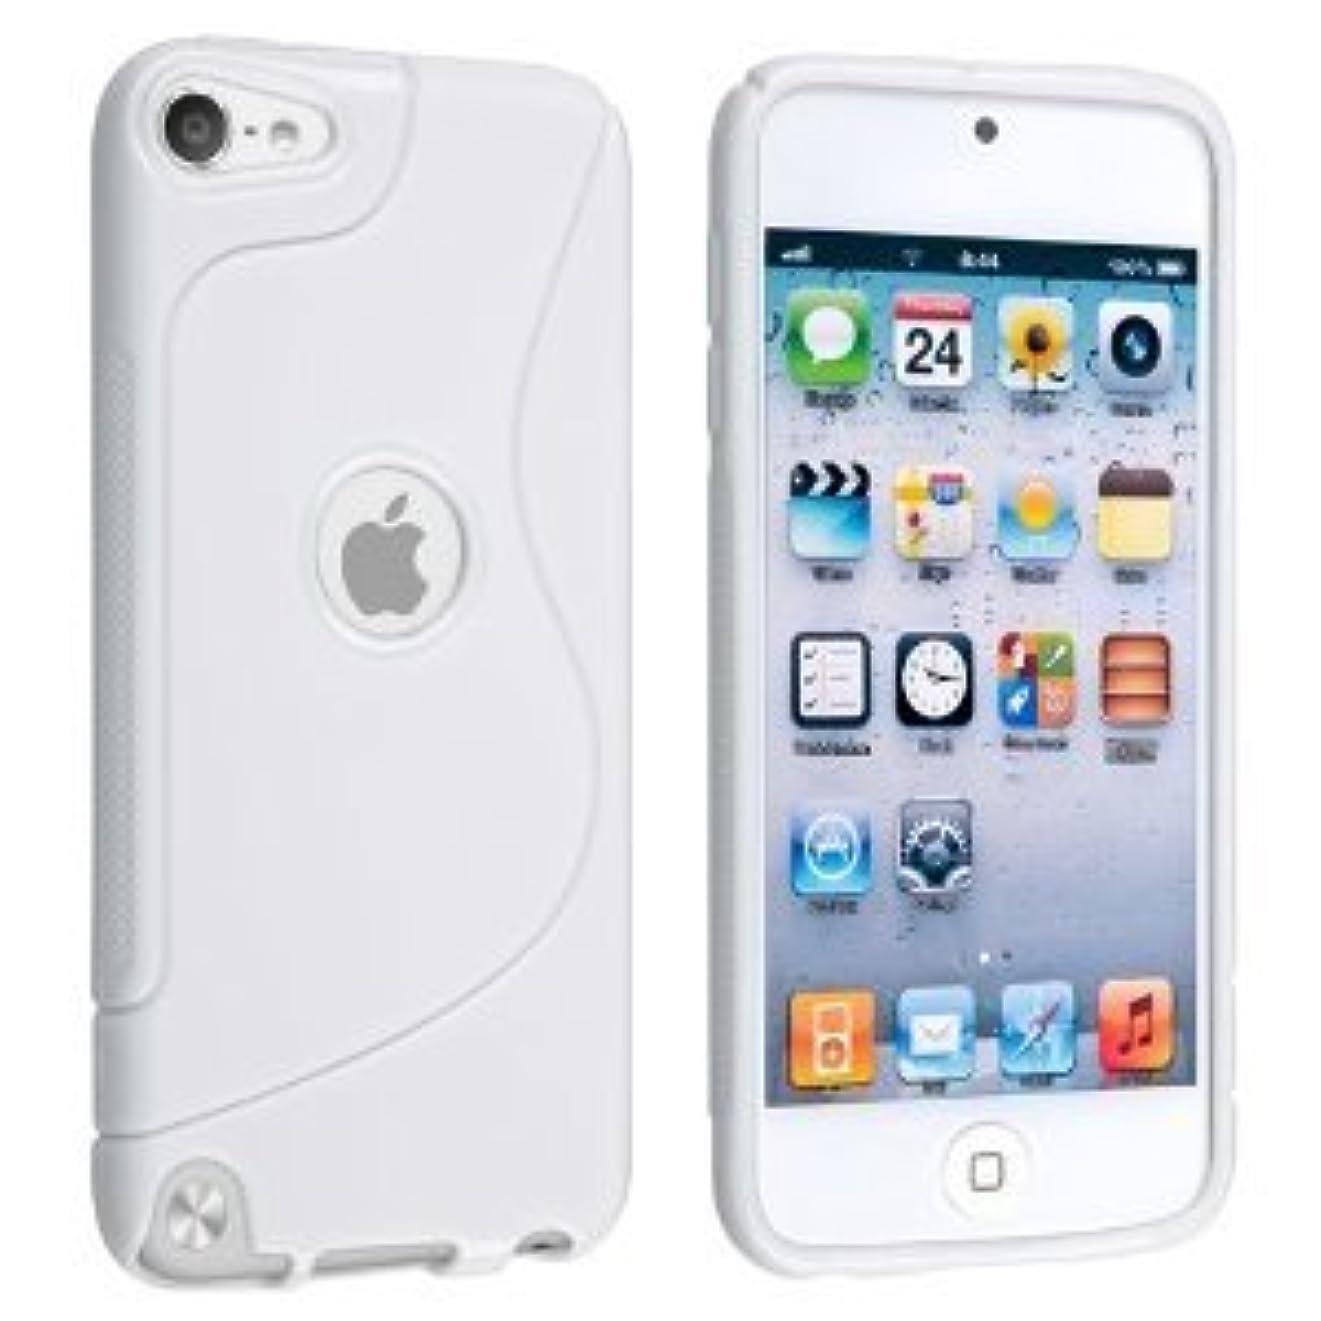 残るペグ検体アウトレット】MY WAY iPod touch 5 アウトドアスタイルケース (アイポッドタッチ 2012年 第5世代 iPod 5th 対応) + 液晶保護フィルム1枚 【Mad White(白)】